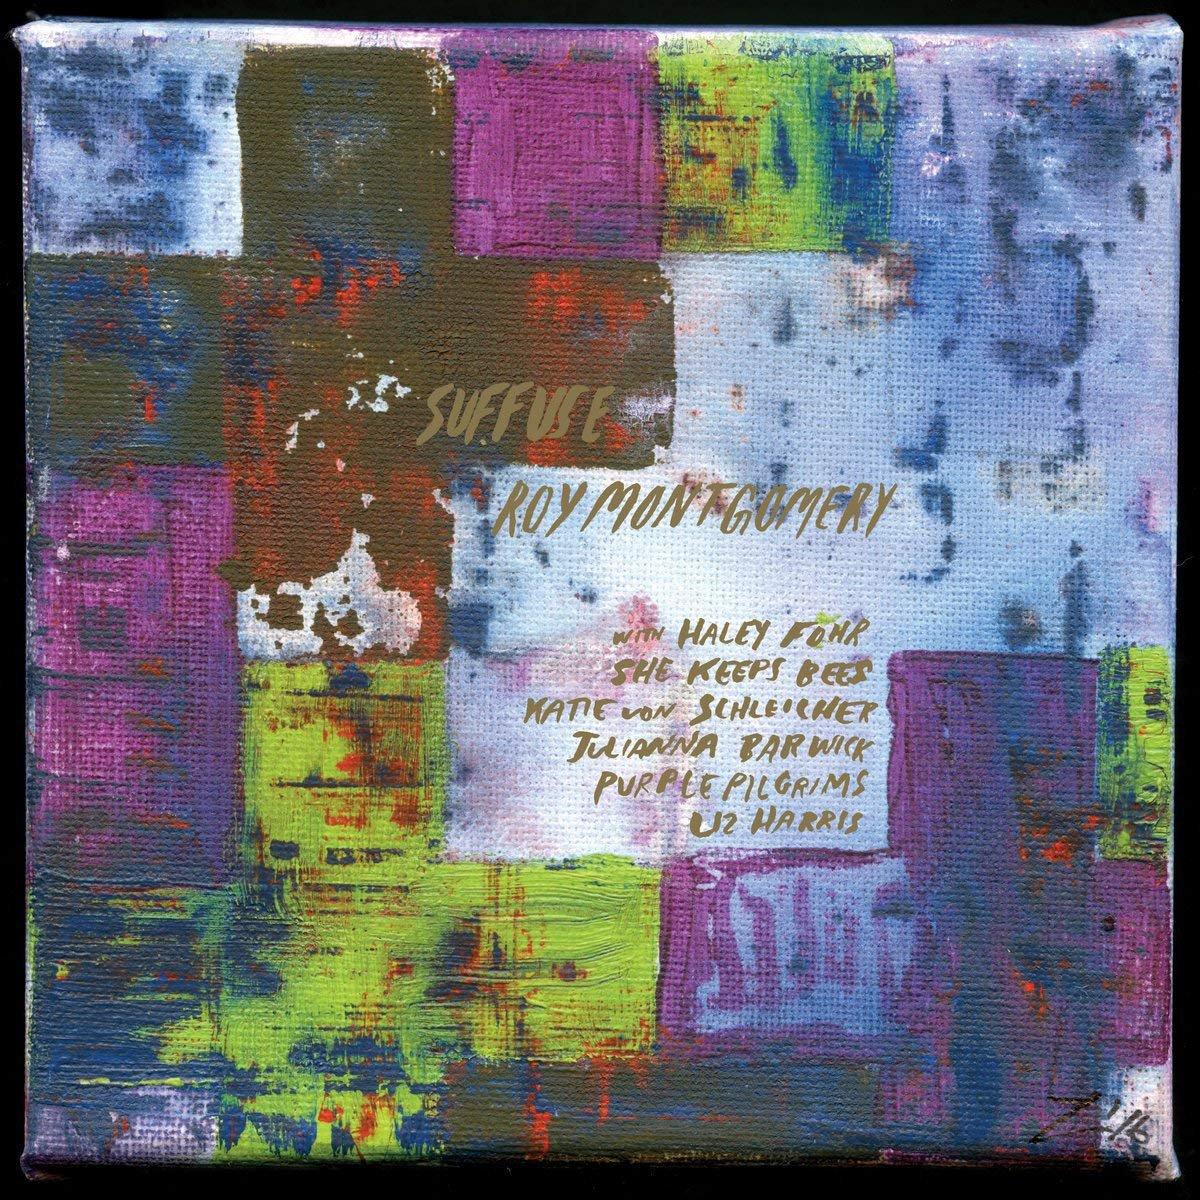 Vinilo : Roy Montgomery - Suffuse (LP Vinyl)